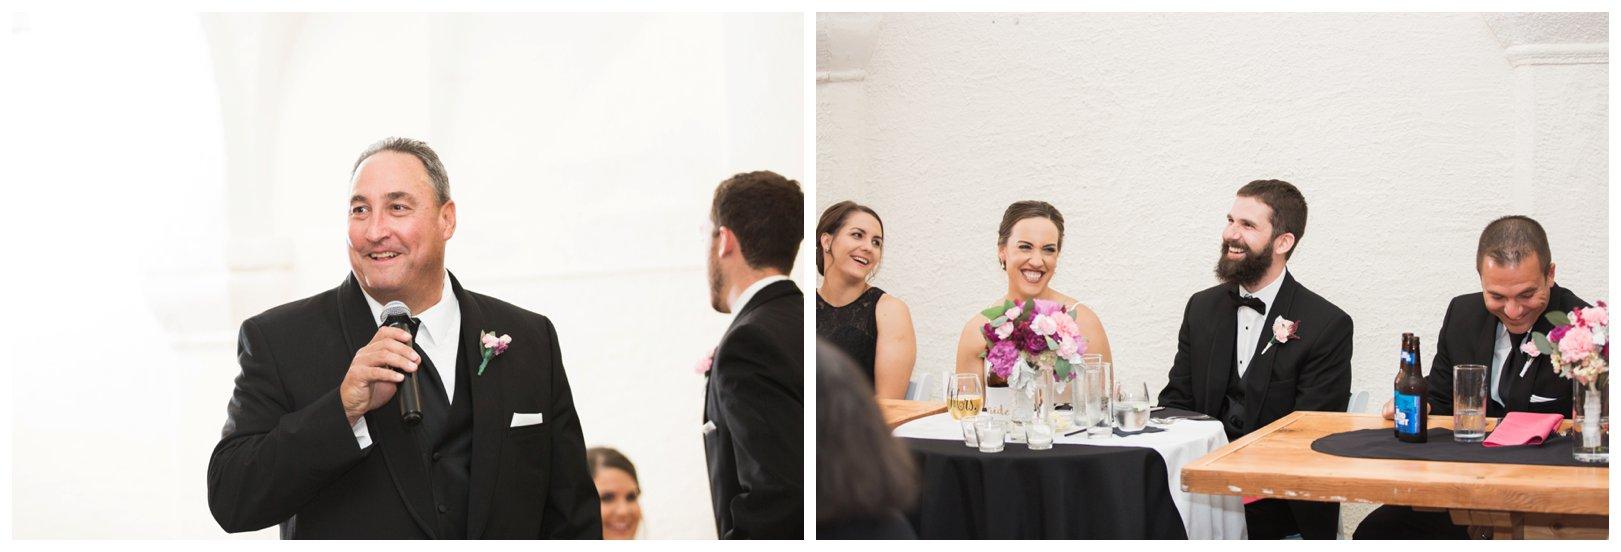 lauren muckler photography_fine art film wedding photography_st louis_photography_1123.jpg